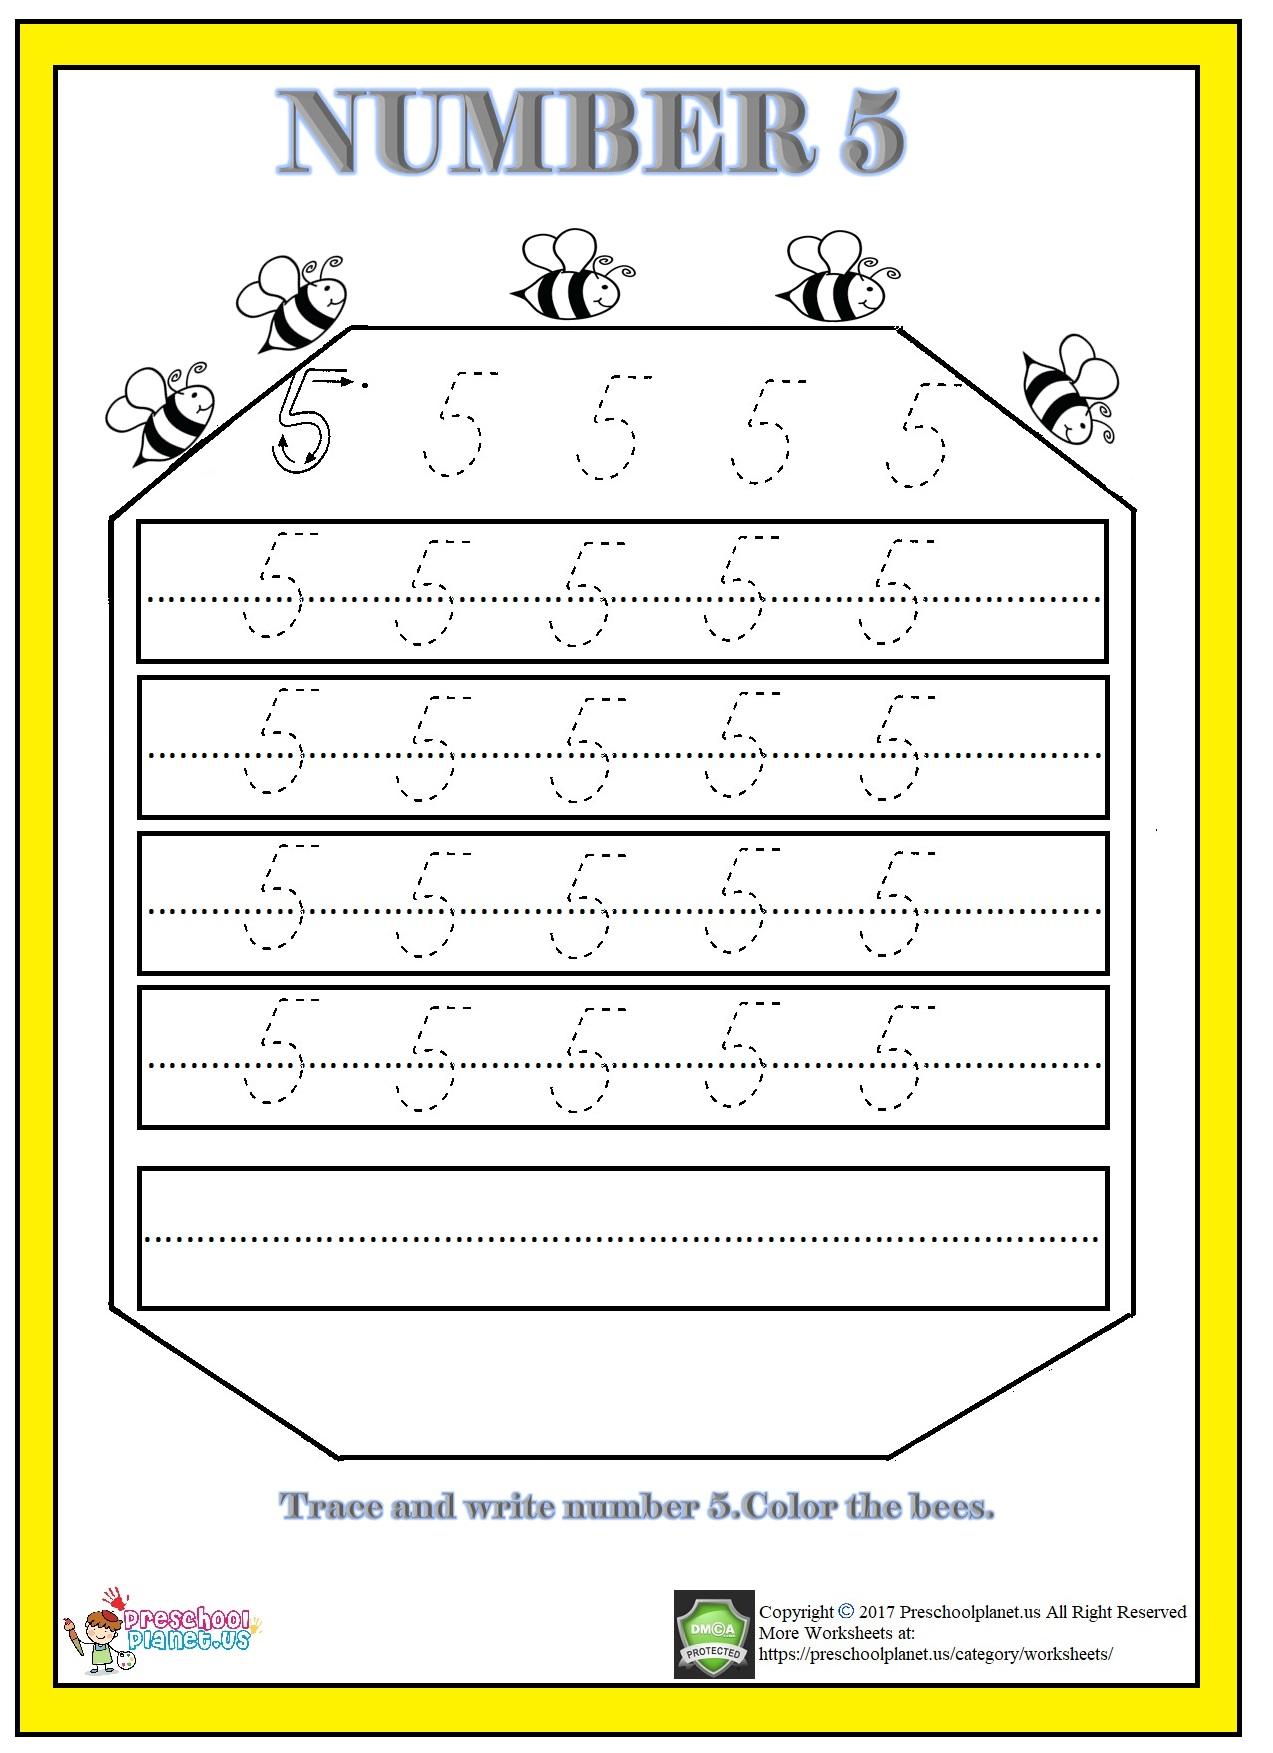 Number 5 Worksheet Printable Preschoolplanet